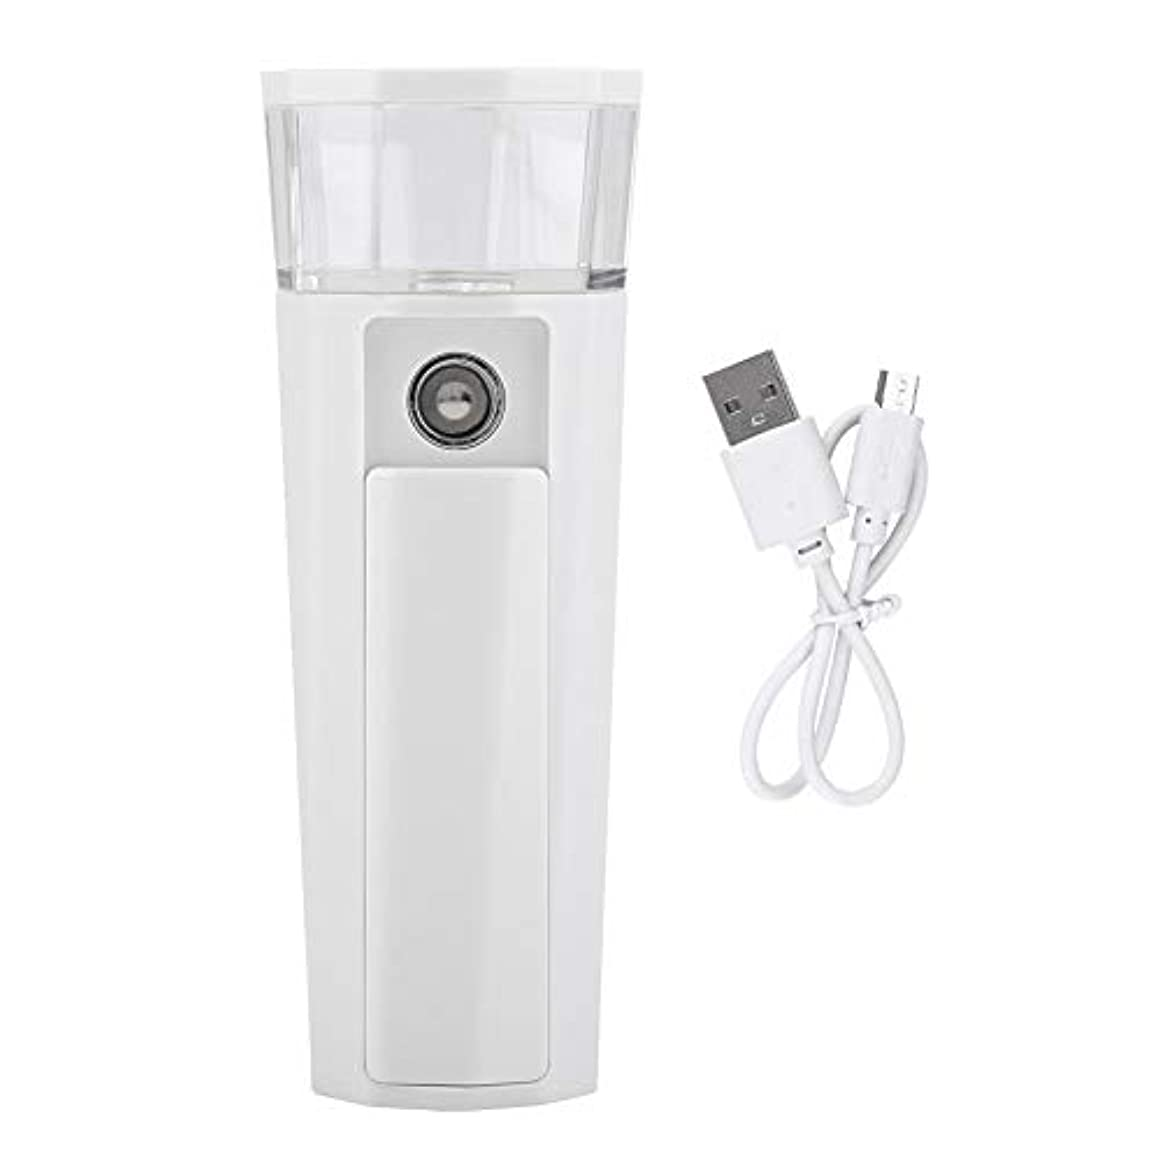 肉のワックスメカニック顔面噴霧器、2 in 1多機能ハンドヘルド顔面加湿器ポータブルミスター噴霧器USBパワーバンク、軽量